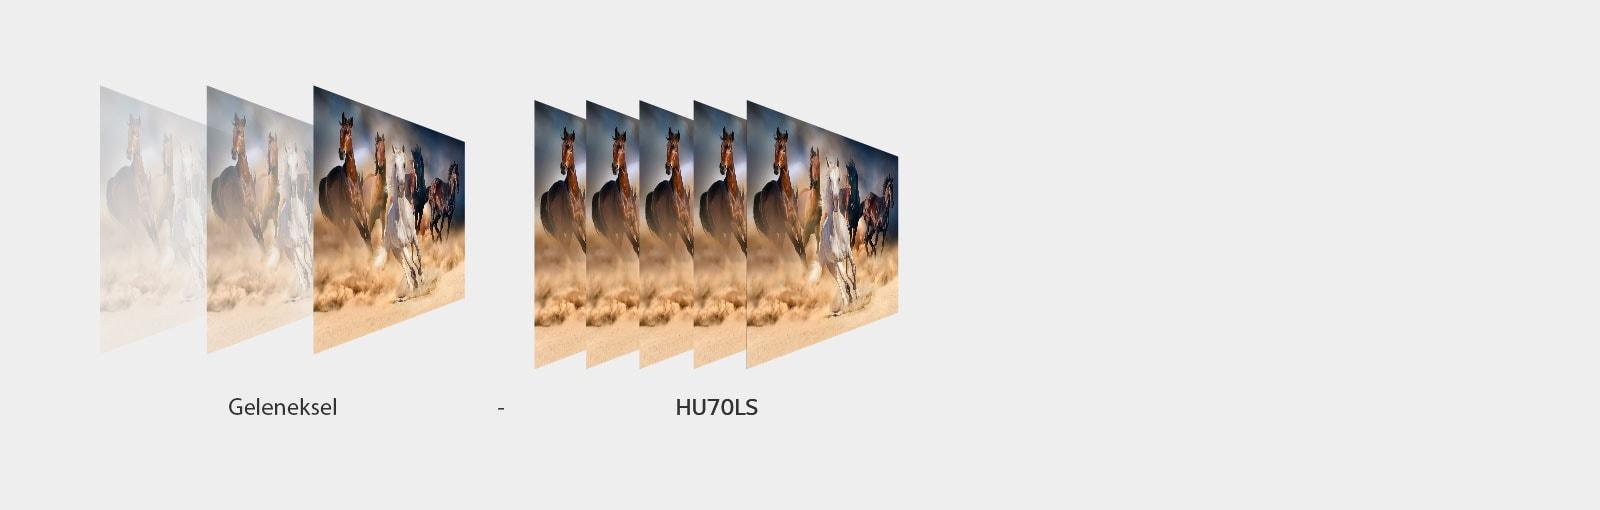 PJT-HU70LS-07-TruMotion-D